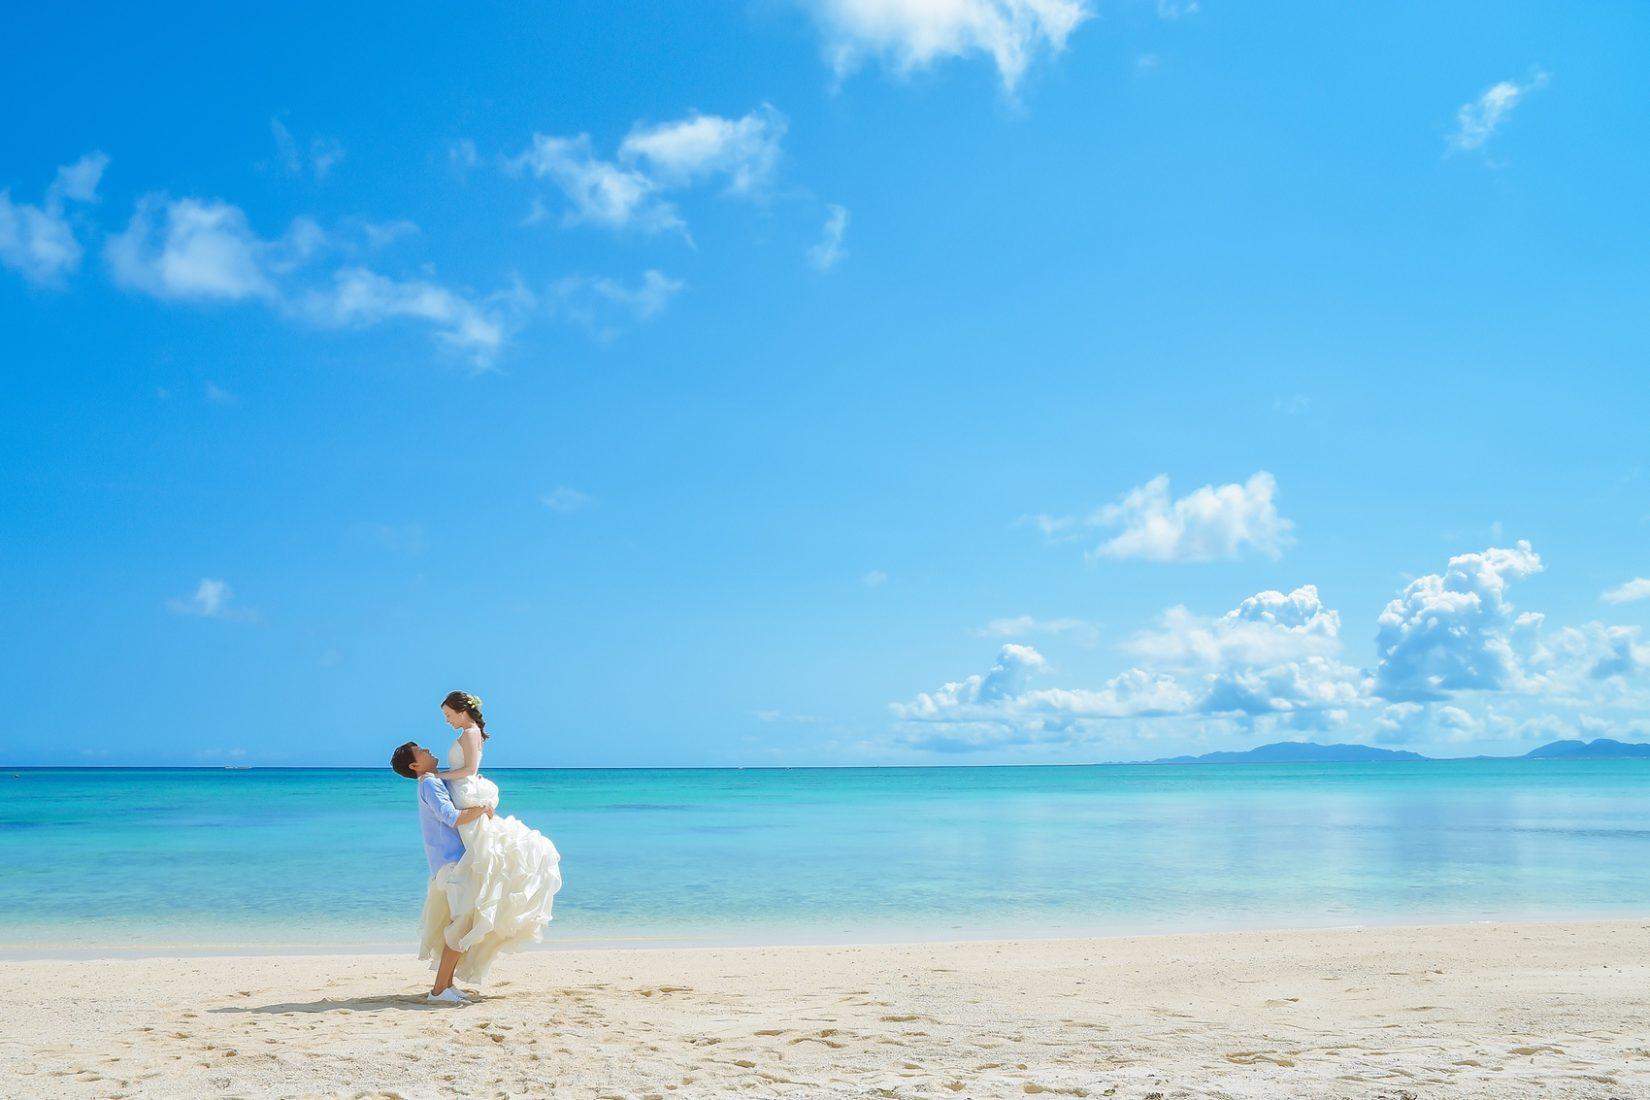 【レポ#15】R&H様はレンタルドレスご利用でビーチフォト